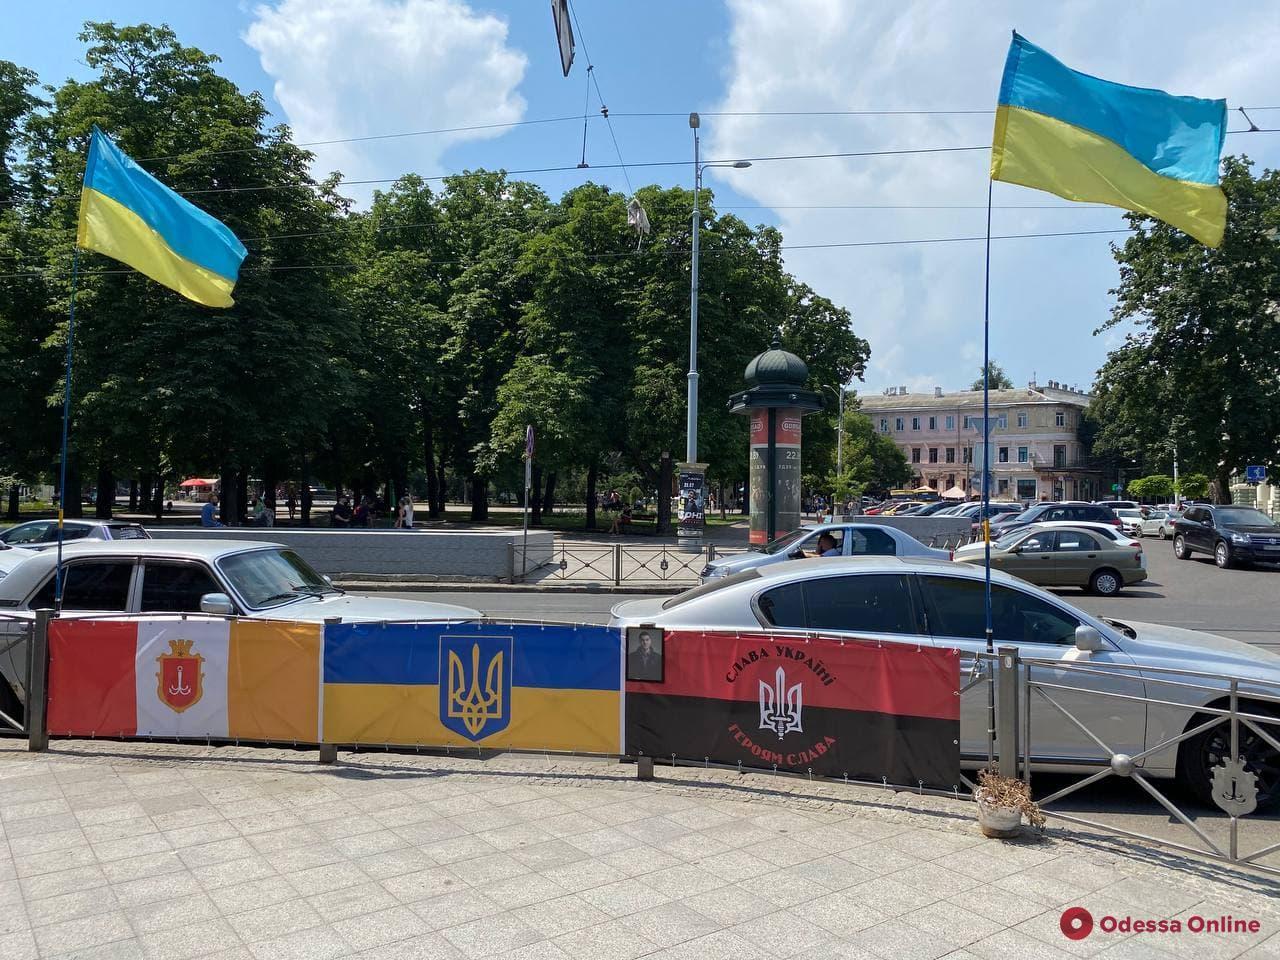 На Преображенской заменили флаг на месте гибели первых жертв трагедии 2 мая, который подожгли вандалы